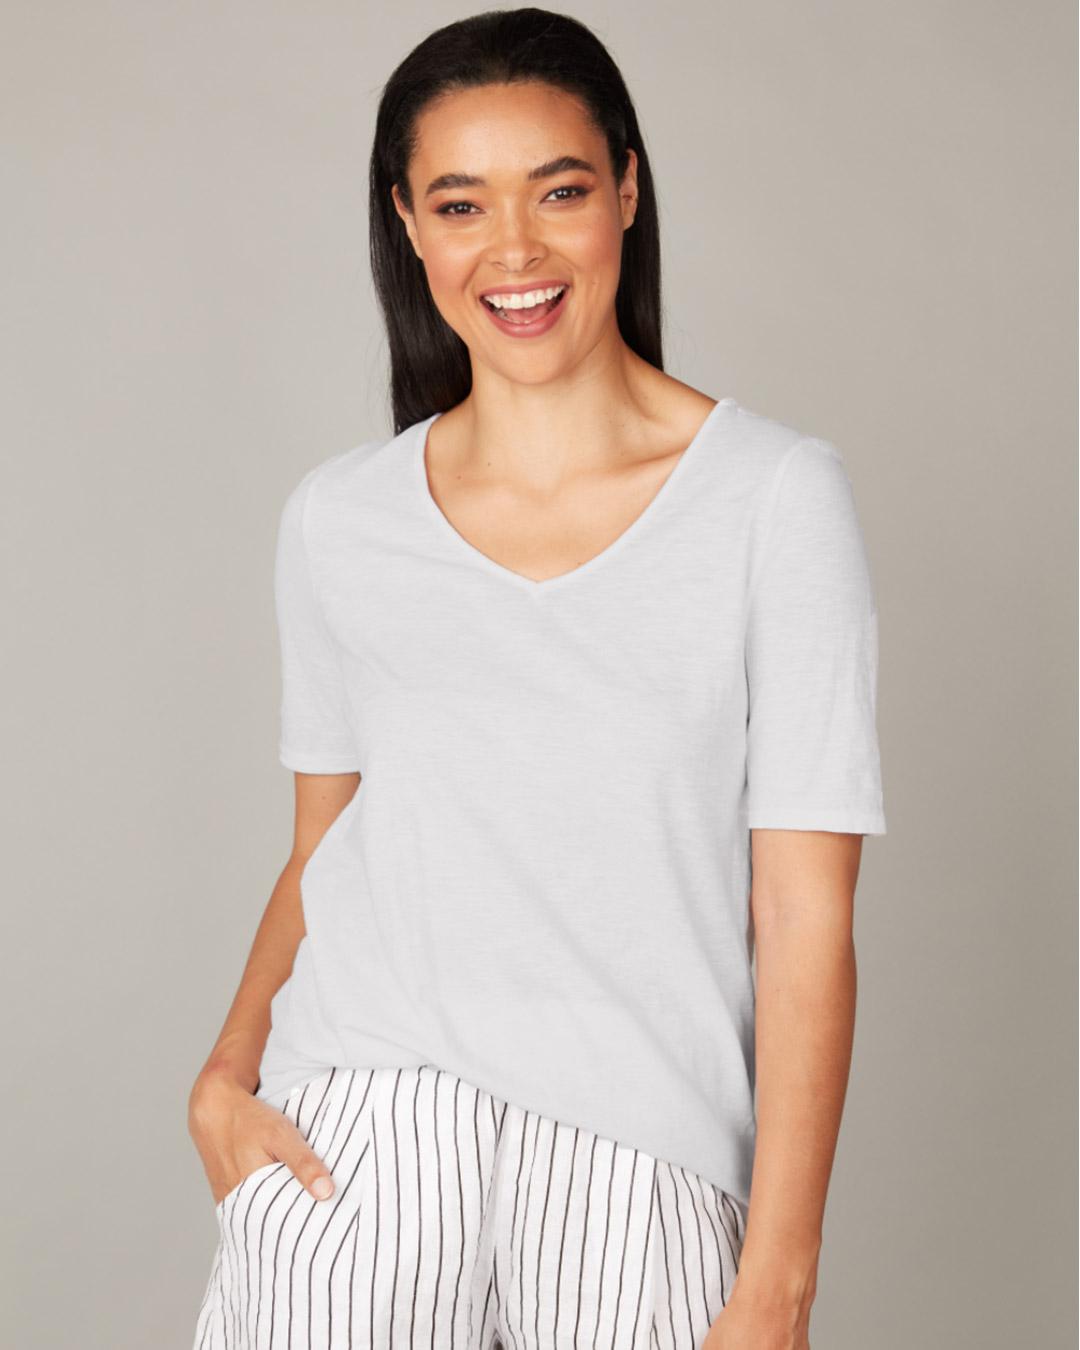 pistache-clothing-italian-t-shirt-pebble-dianes-lingerie-vancouver-1080x1080